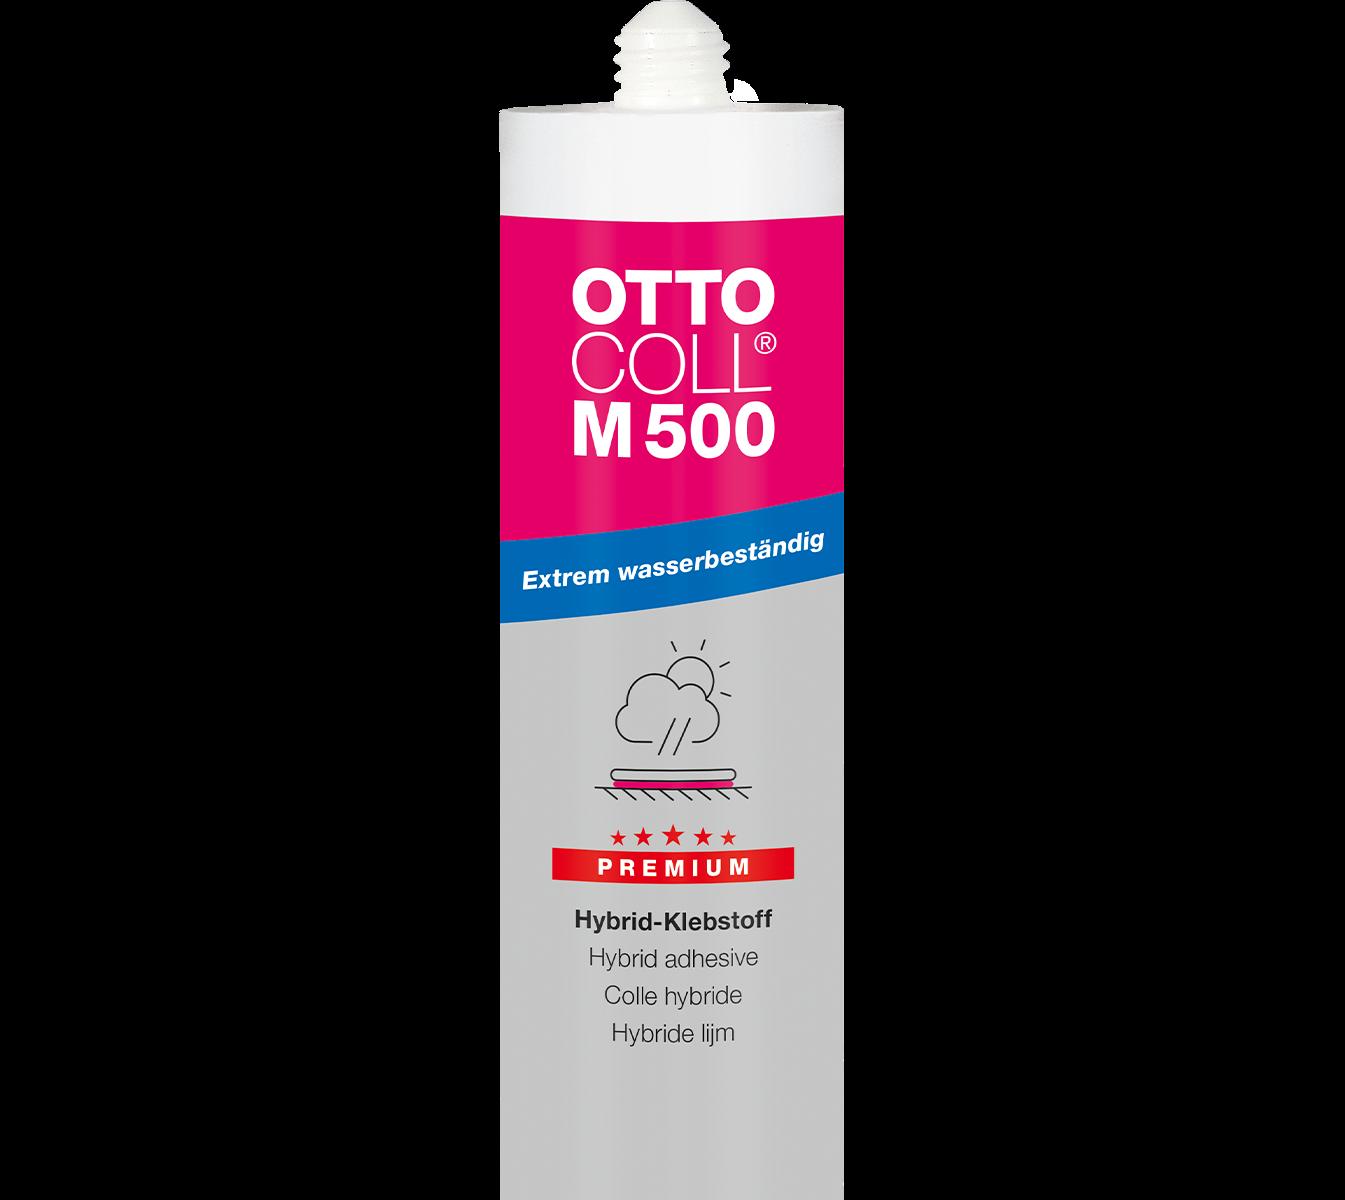 Ottocoll M500